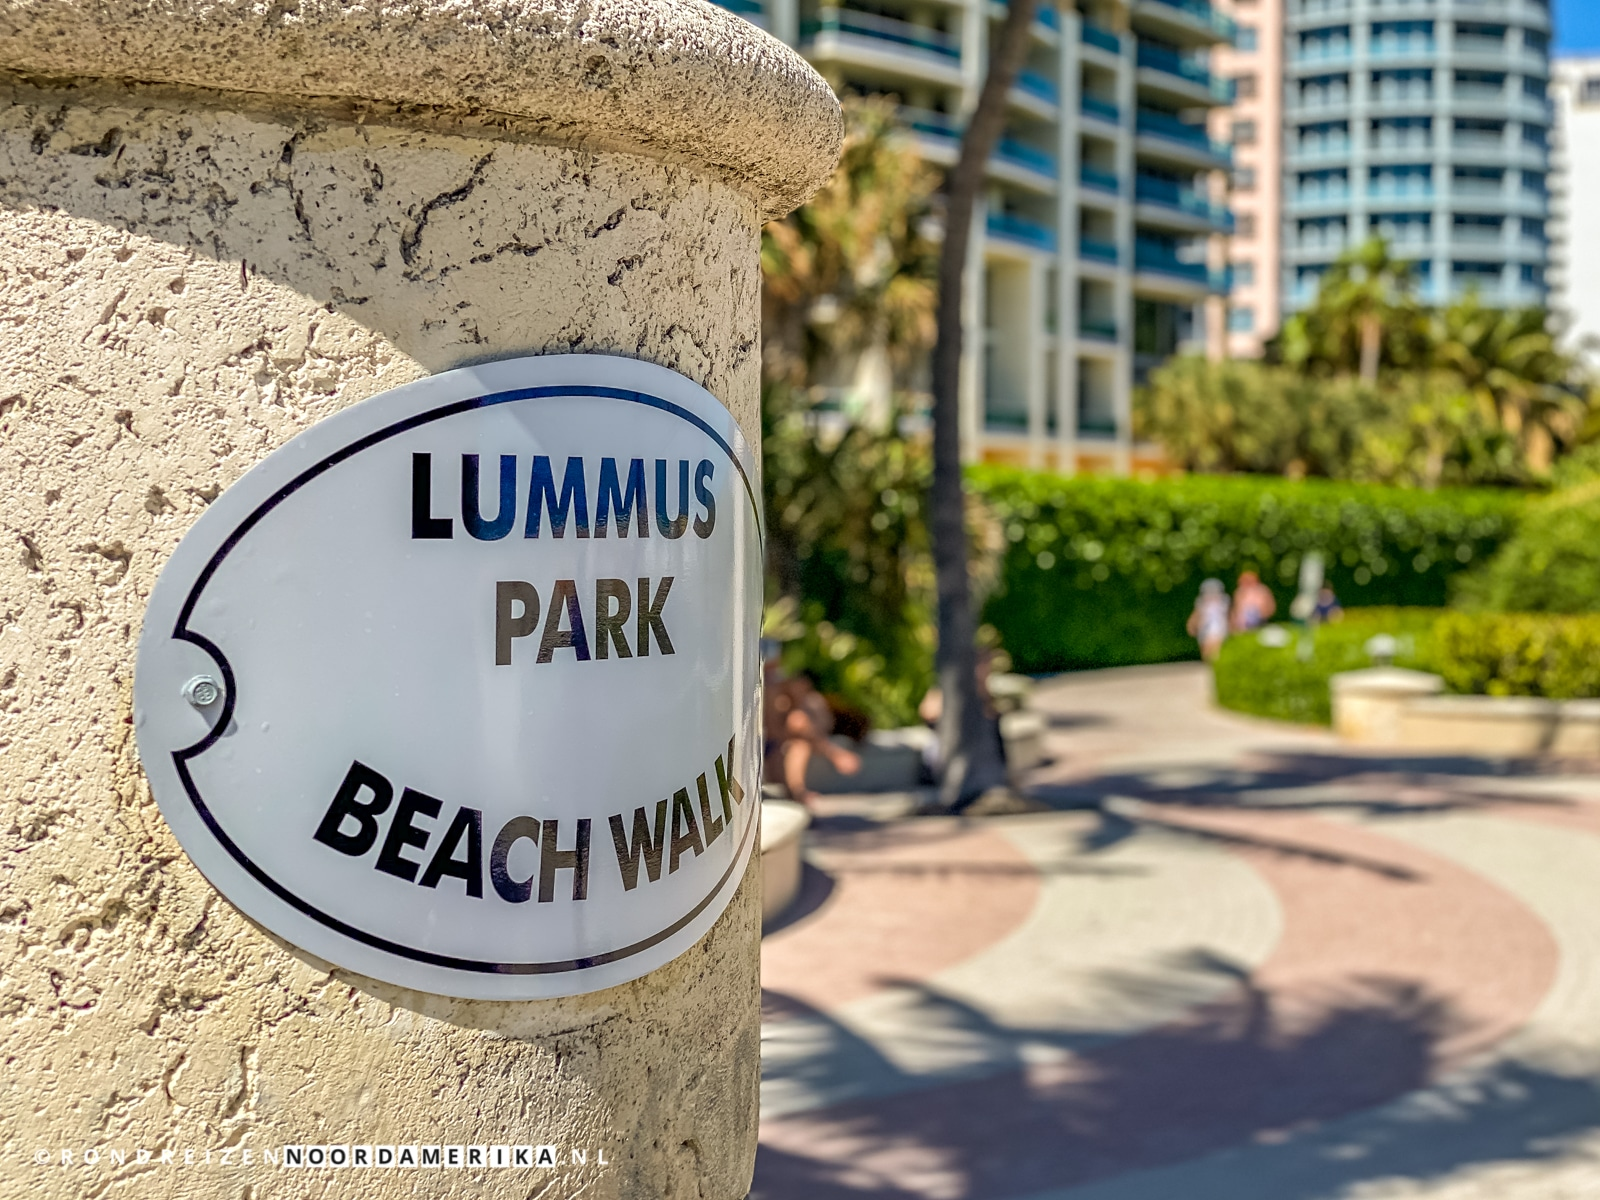 Lummus Park Boardwalk - heerlijk om lekker te ontspannen en sporten